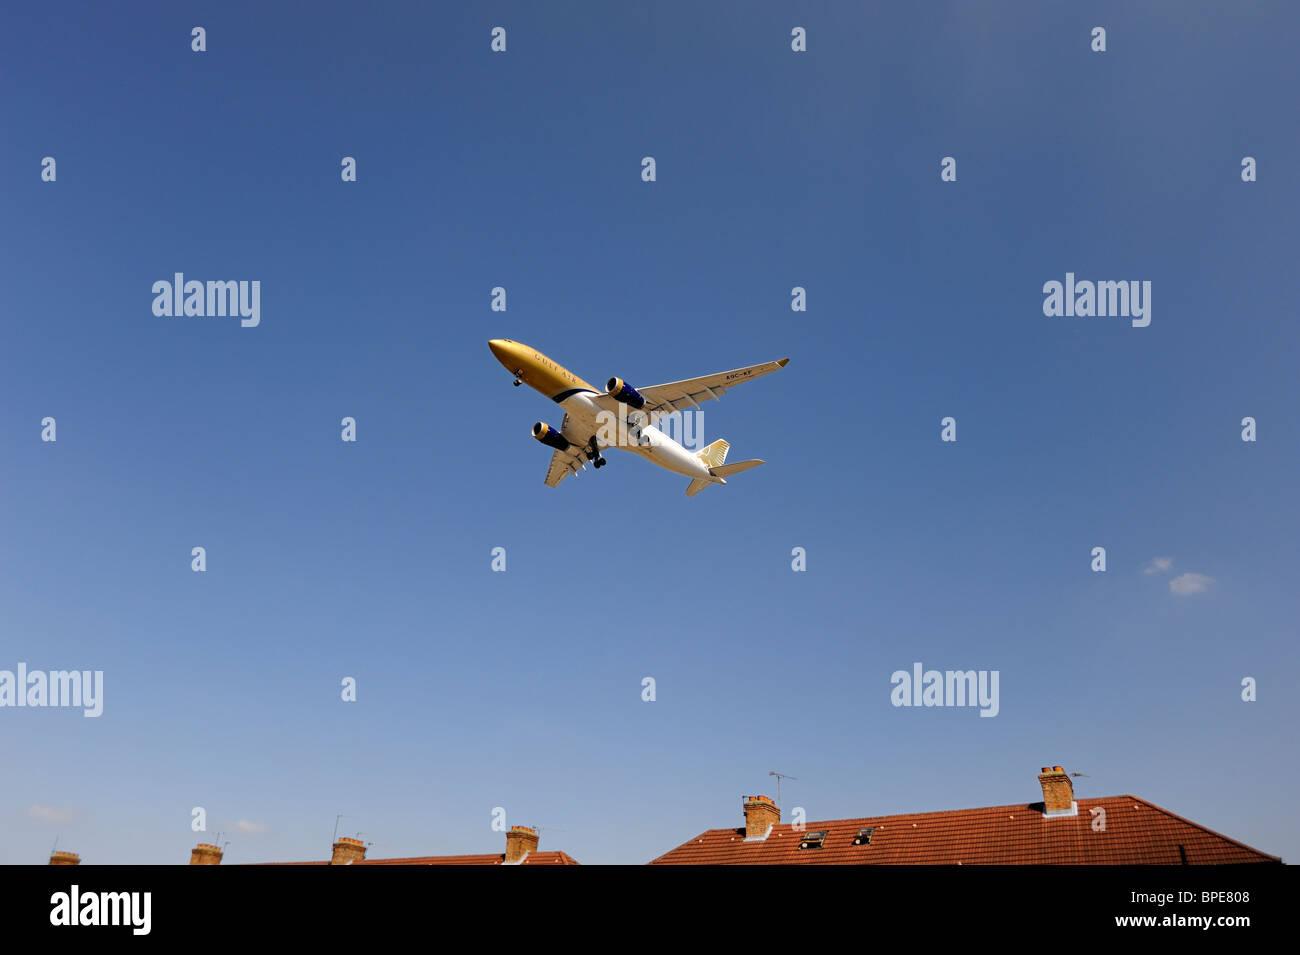 Gulf Air aereo volando a bassa quota sopra la casa prima dello sbarco Immagini Stock